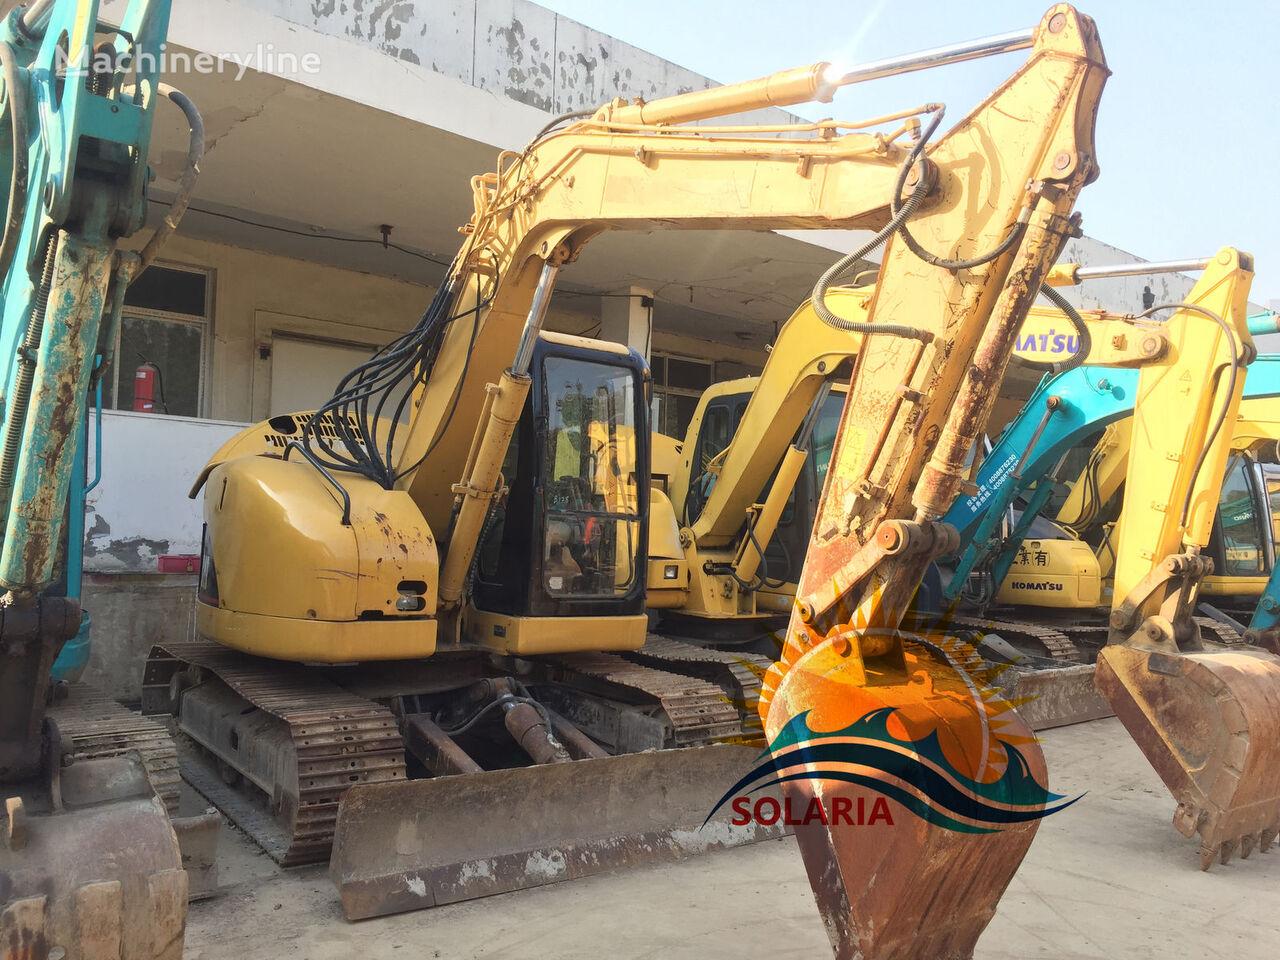 CATERPILLAR 308C tracked excavator